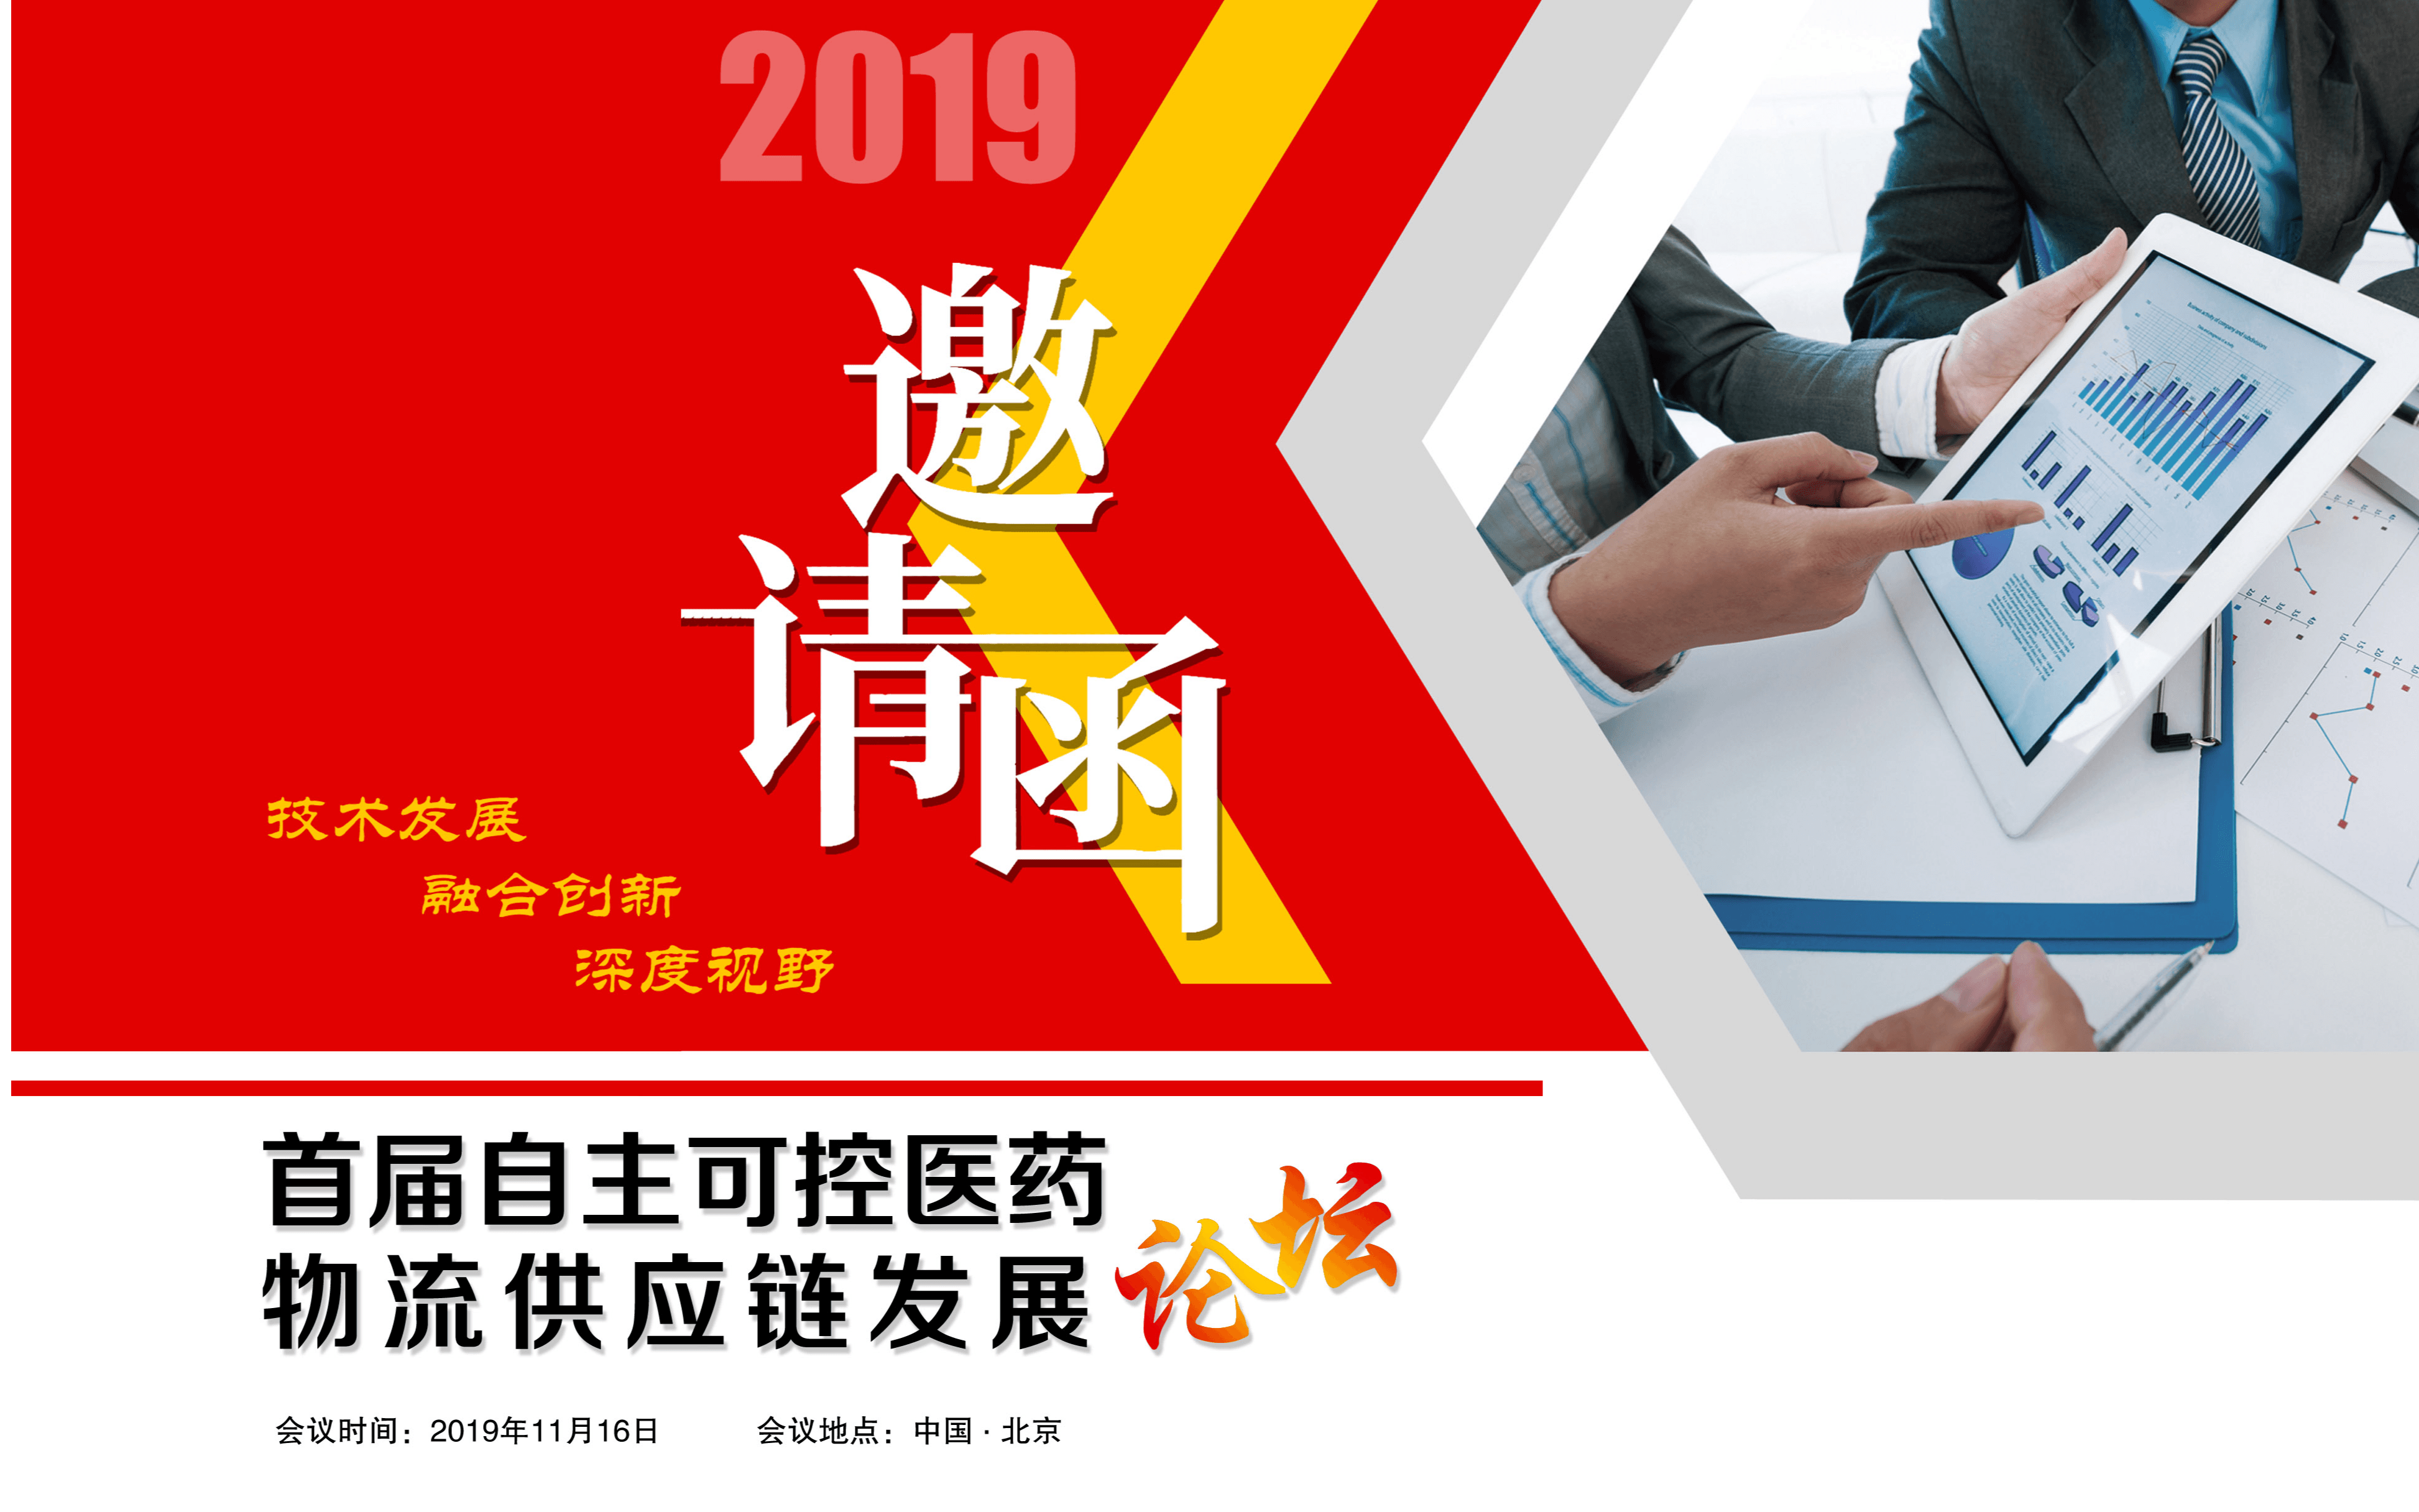 2019首届自主可控医药物流供应链发展论坛(北京)